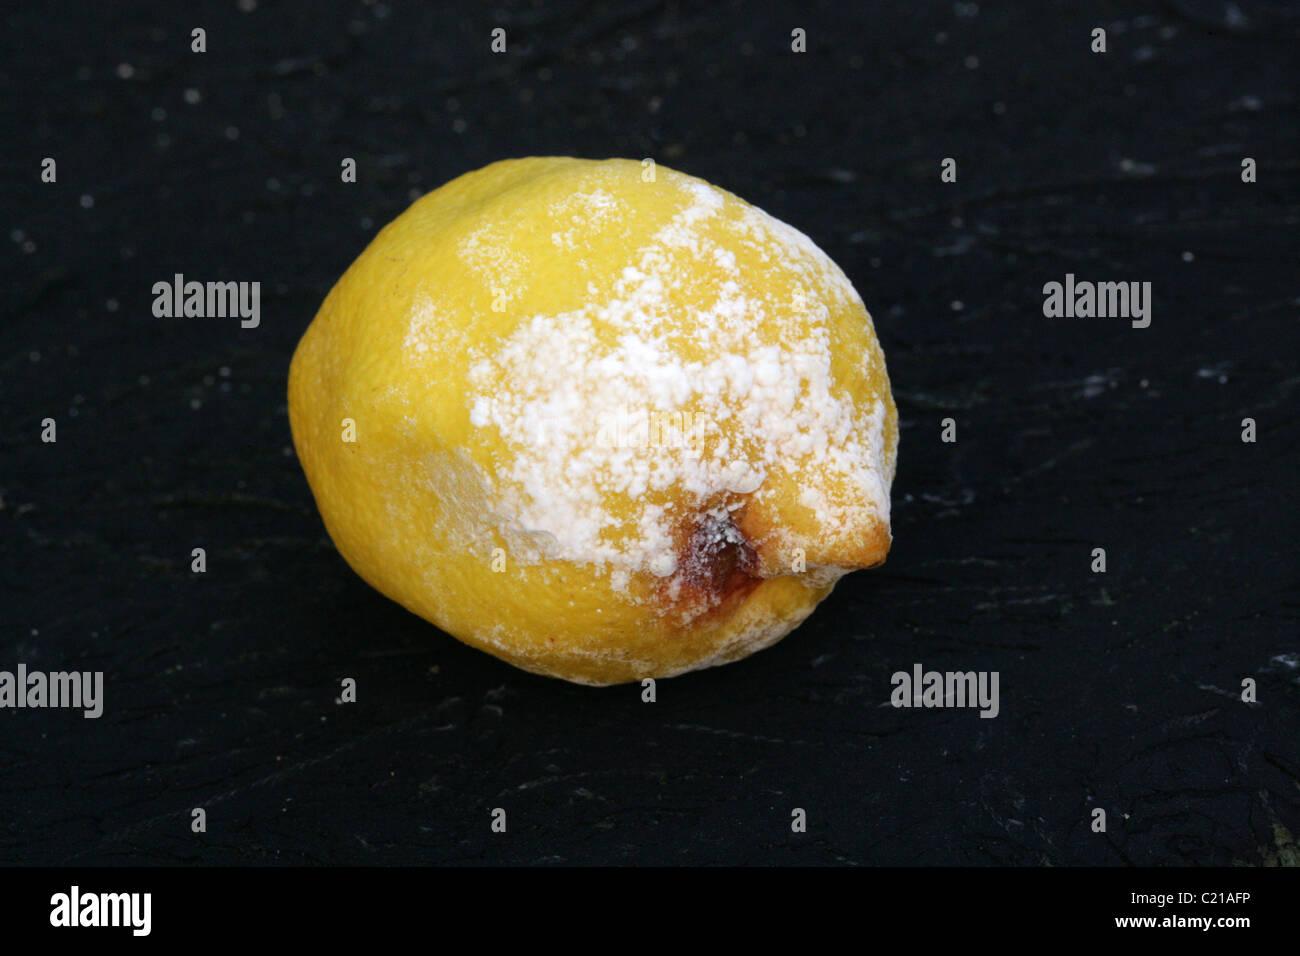 Lemon Citrus Fruit with Mould, Penicillium digitatum, Trichocomaceae, Eurotiales, Fungi. Syn. Monilia digitata, - Stock Image